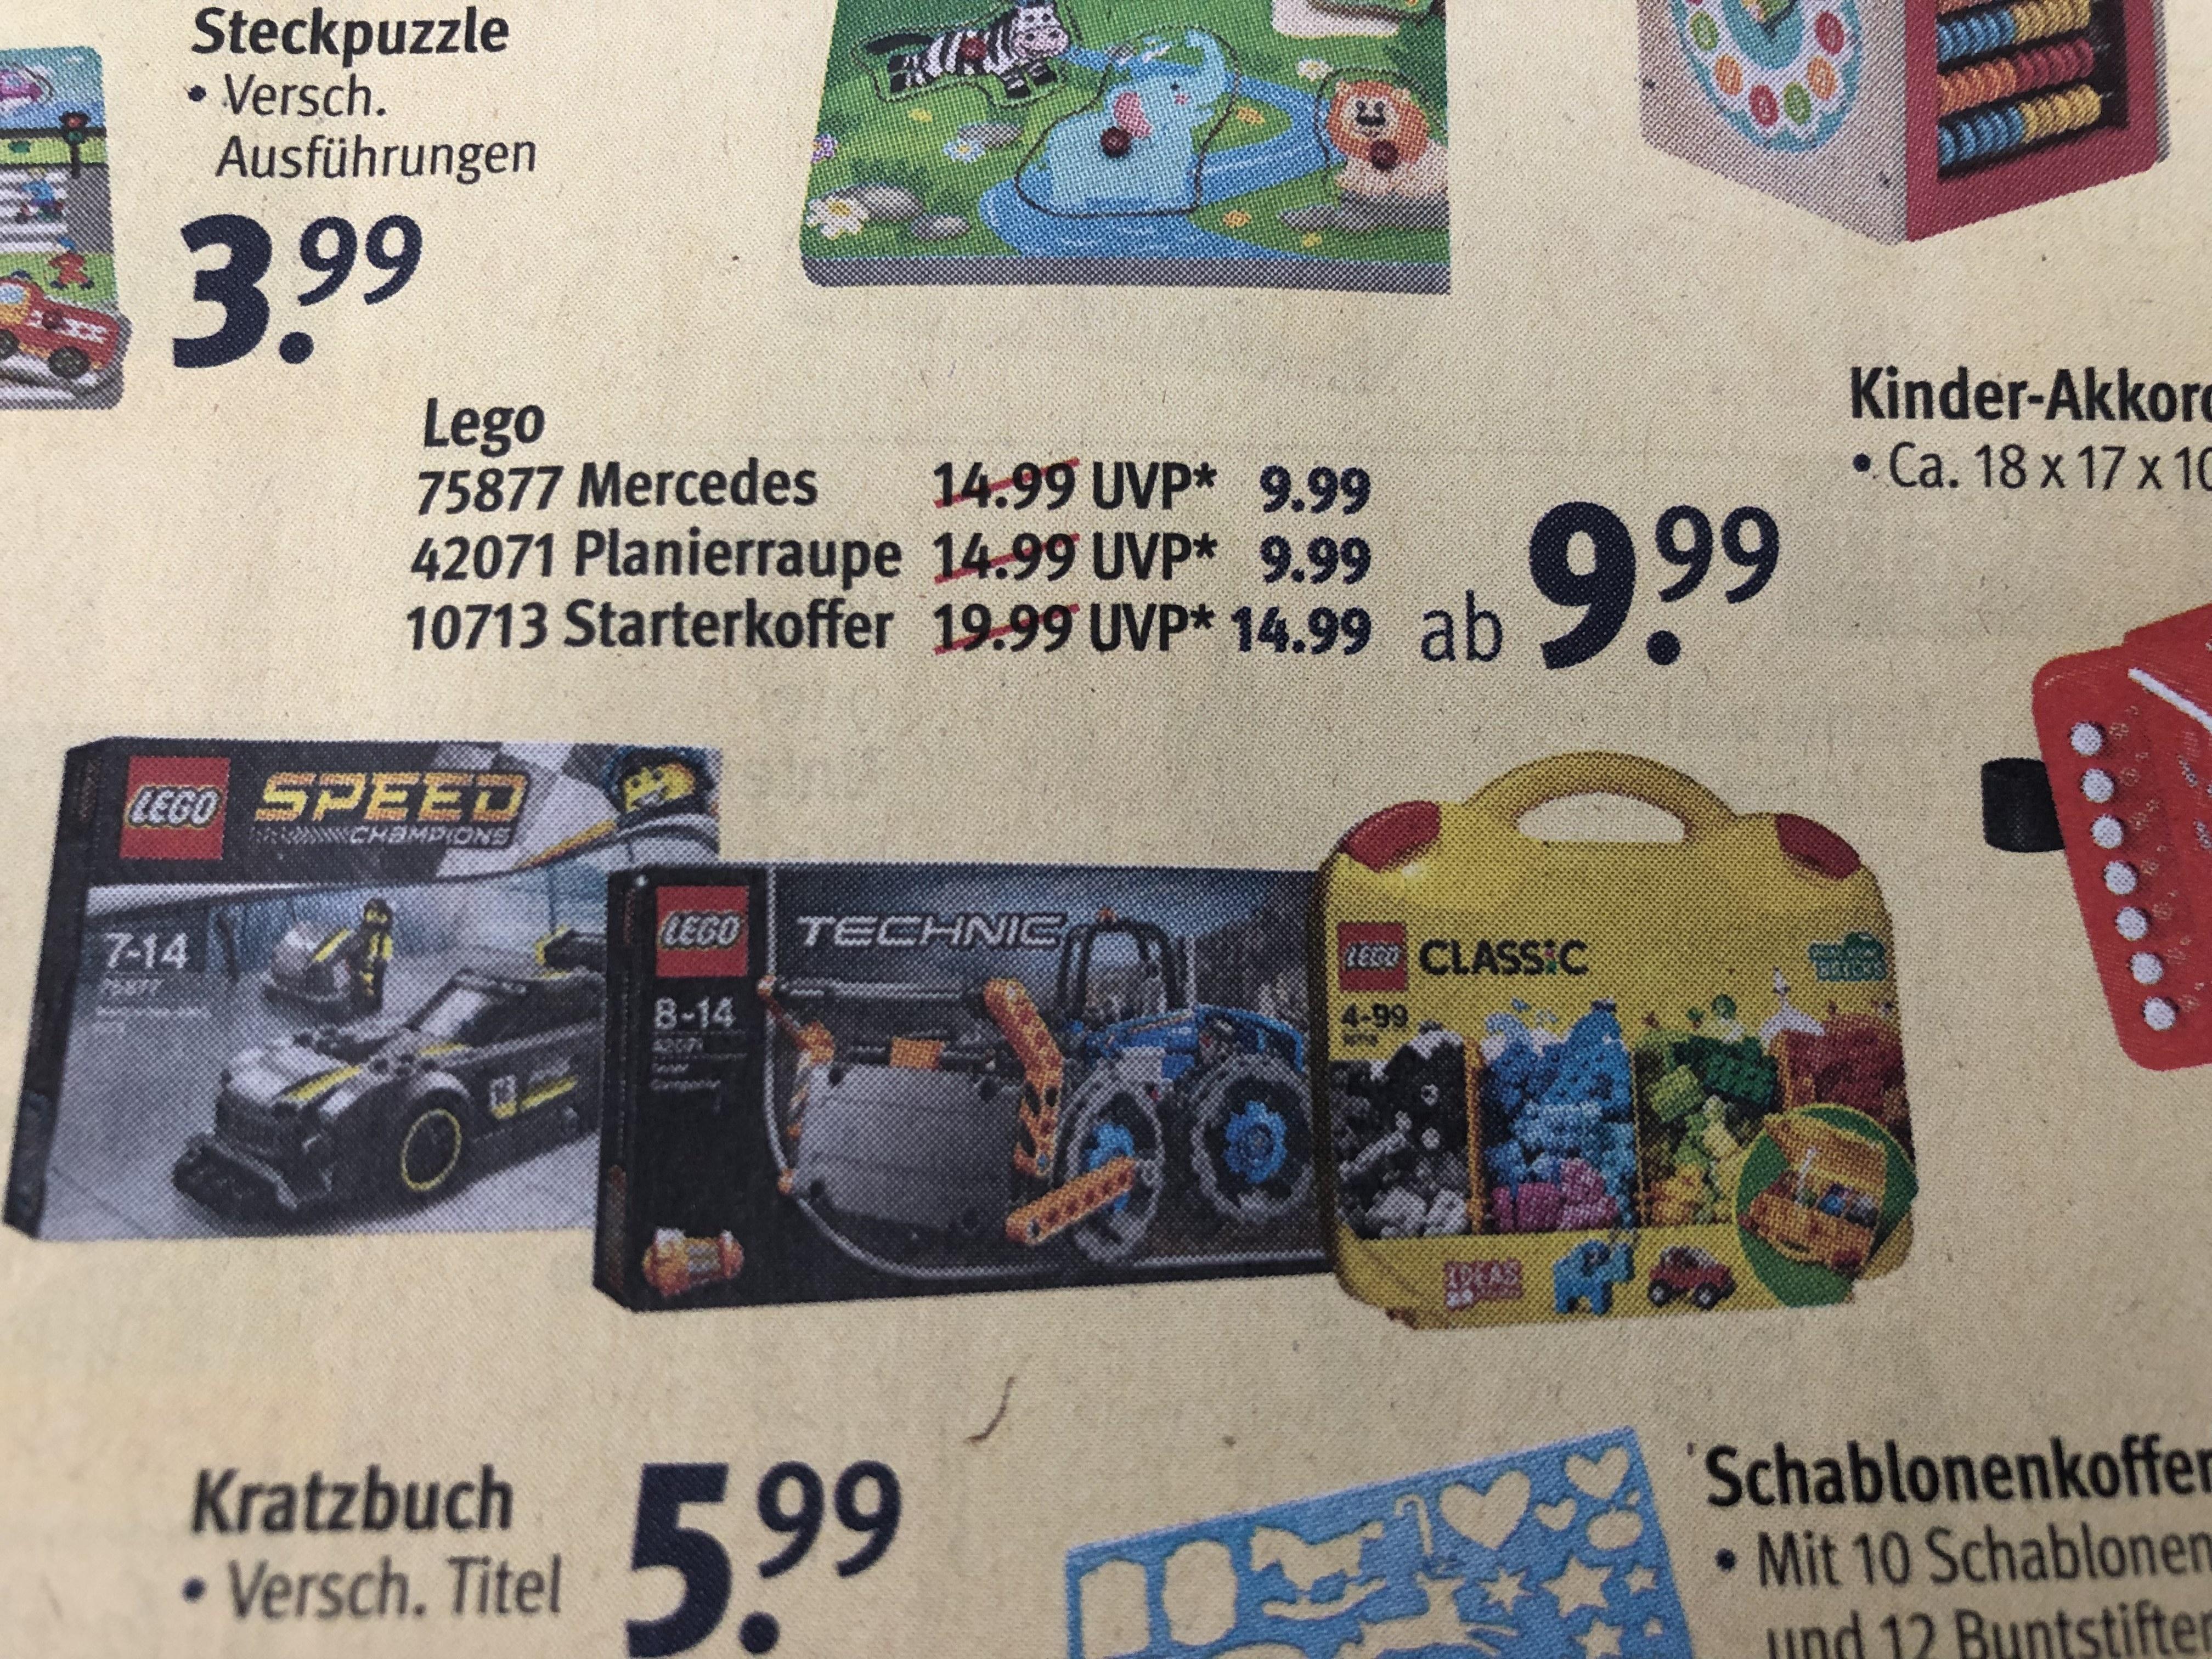 [Rossmann] Lego Mercedes 75877, Planierraupe 42071 und Starterkoffer 10713 für 8,99€/13,49€ mit 10% Gutschein